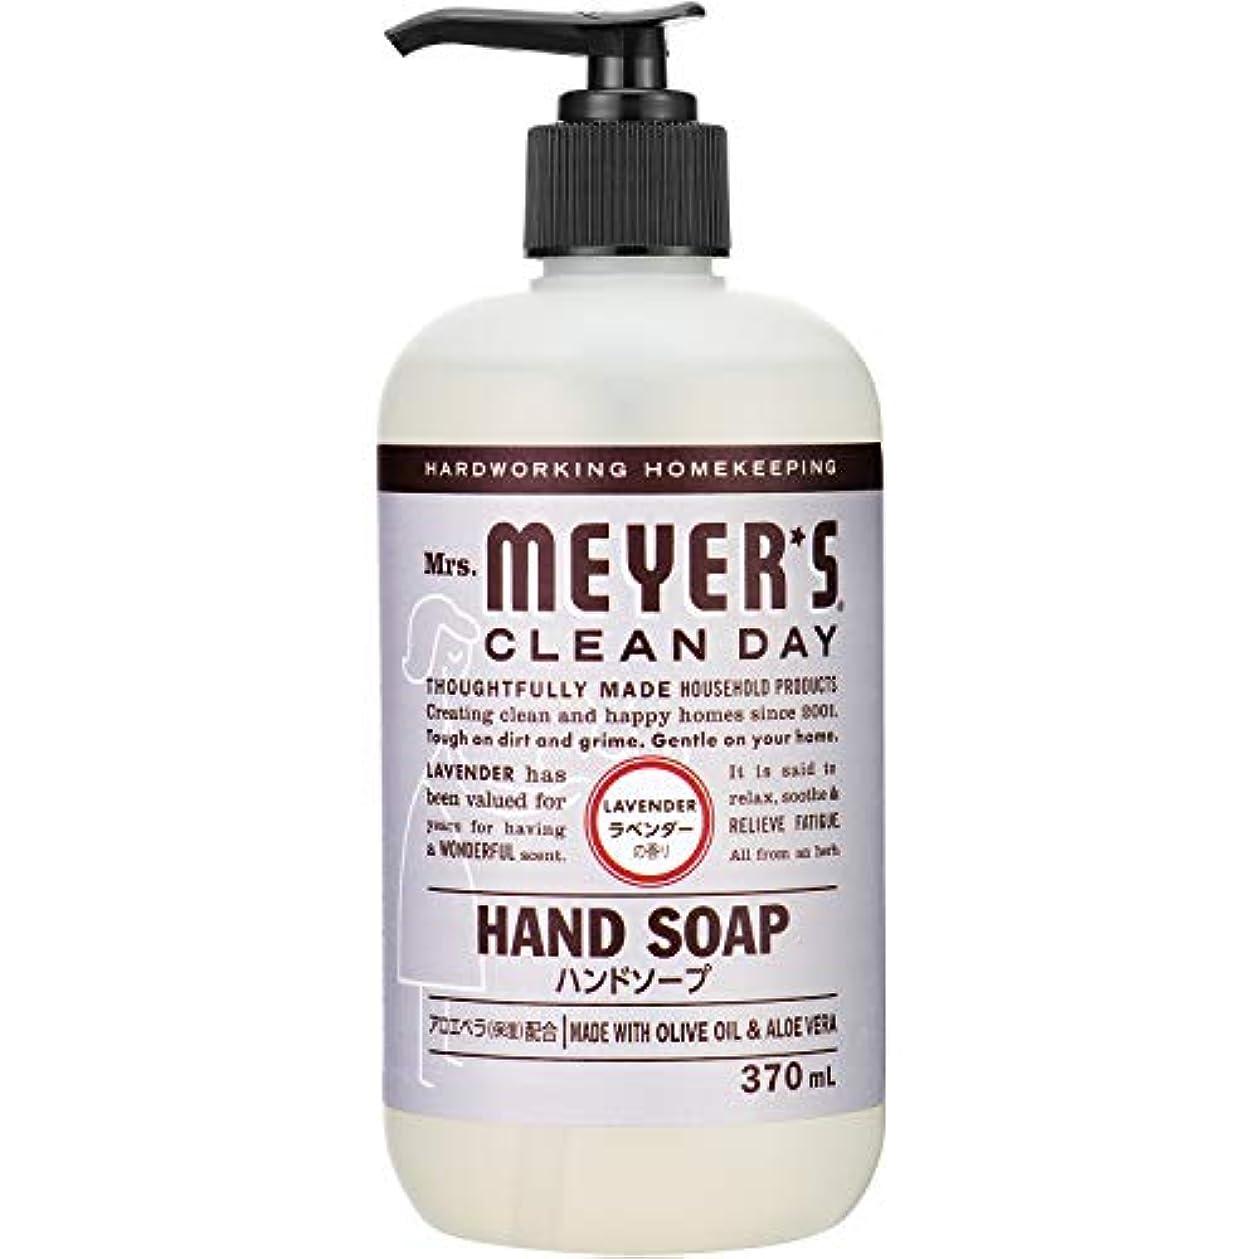 アートホステルページMrs. MEYER'S CLEAN DAY(ミセスマイヤーズ クリーンデイ) ミセスマイヤーズ クリーンデイ(Mrs.Meyers Clean Day) ハンドソープ ラベンダーの香り 370ml